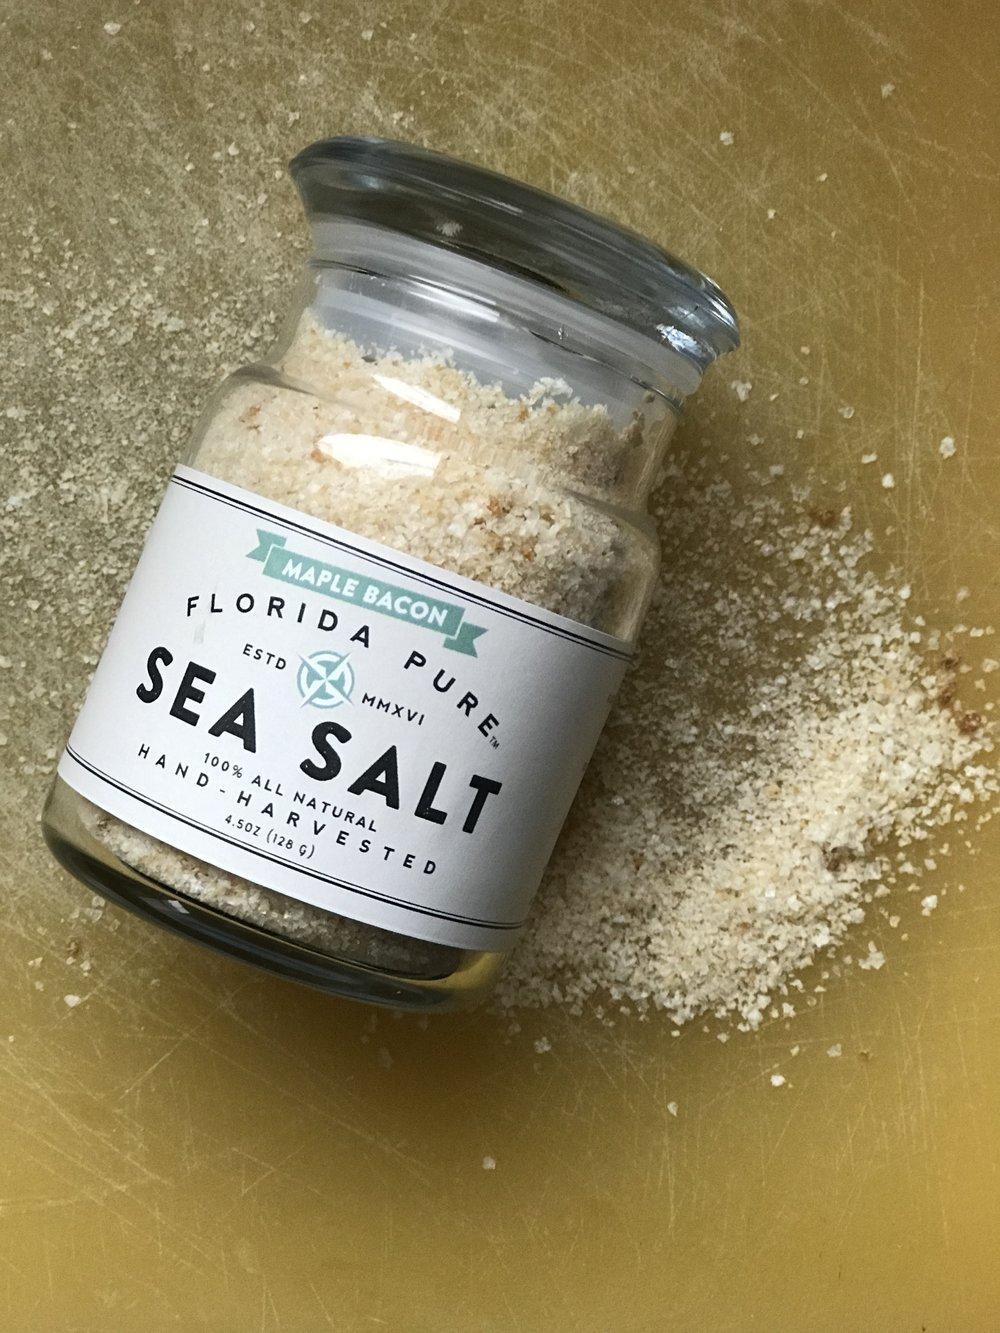 Florida salt